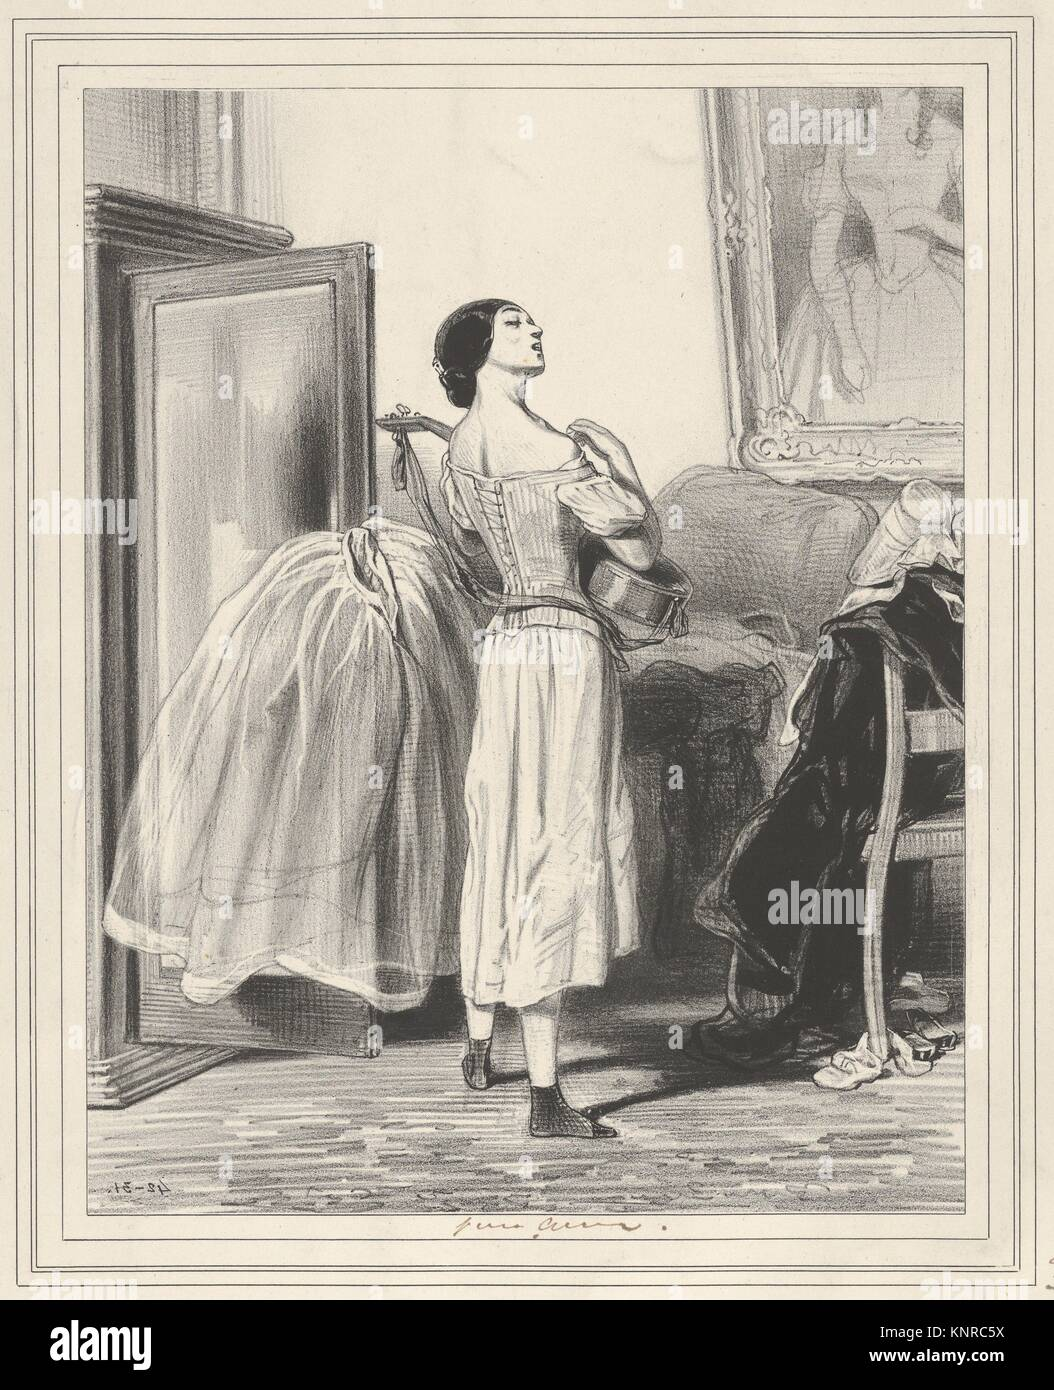 Rien n'est si joli que la fable, si triste que la vérité!, plate 30 from the suite Les Lorettes, published - Stock Image